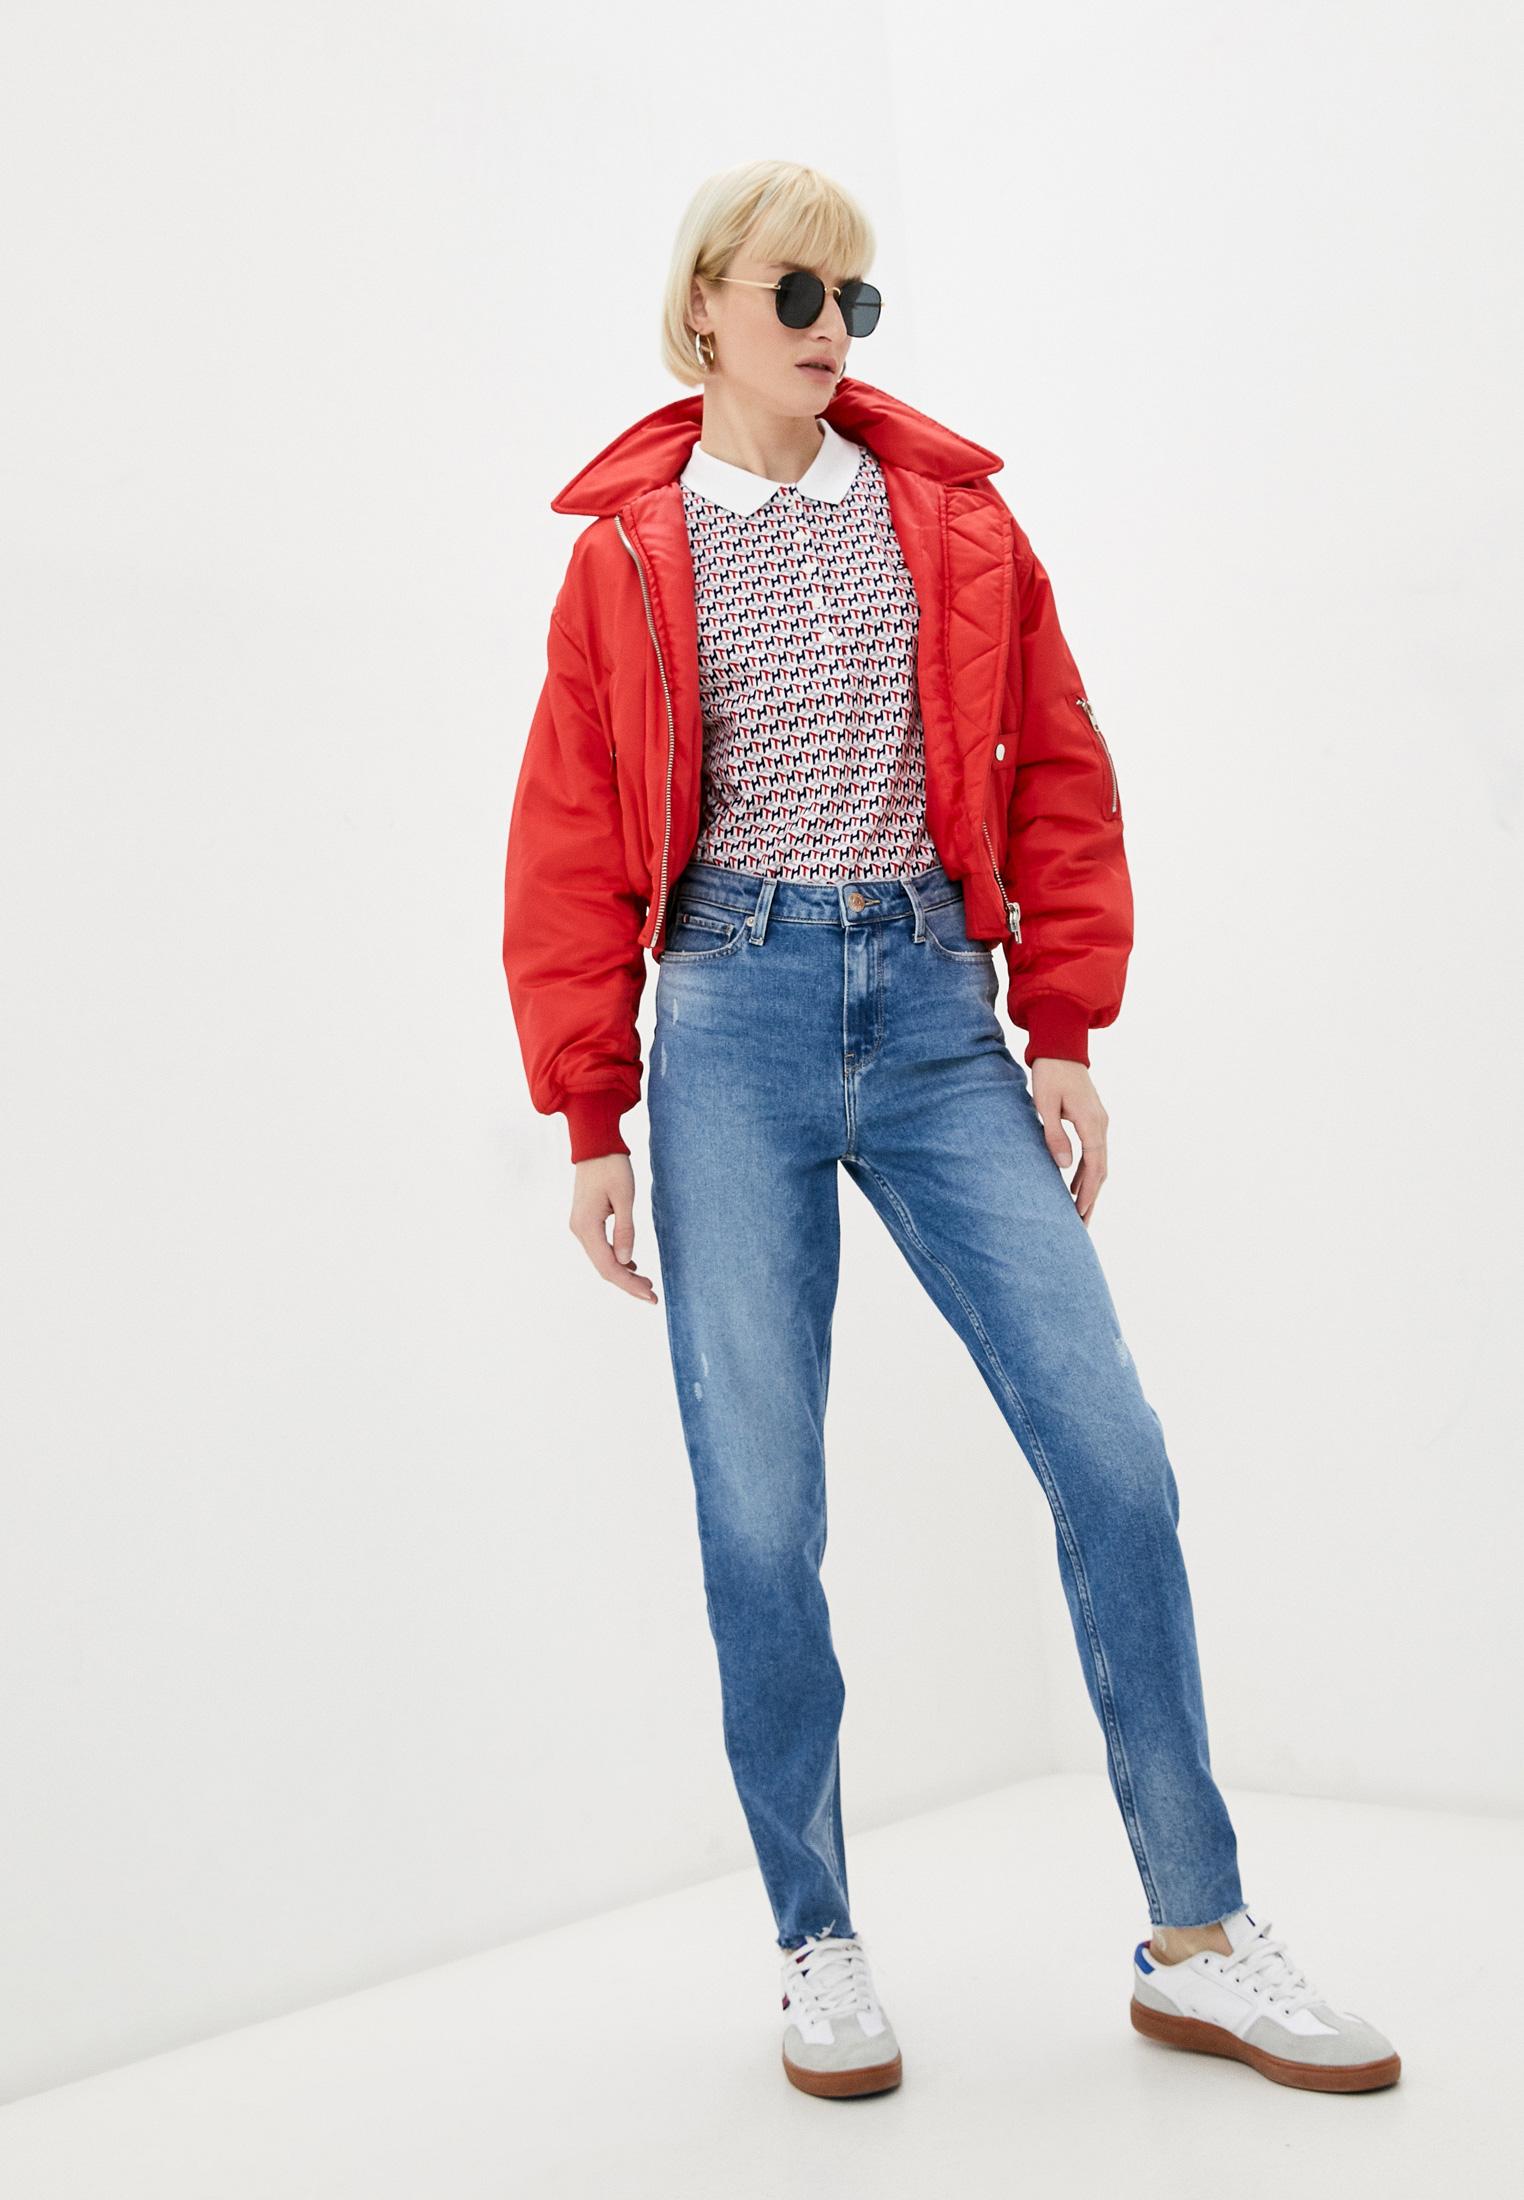 Прямые джинсы Tommy Hilfiger (Томми Хилфигер) WW0WW30218: изображение 2